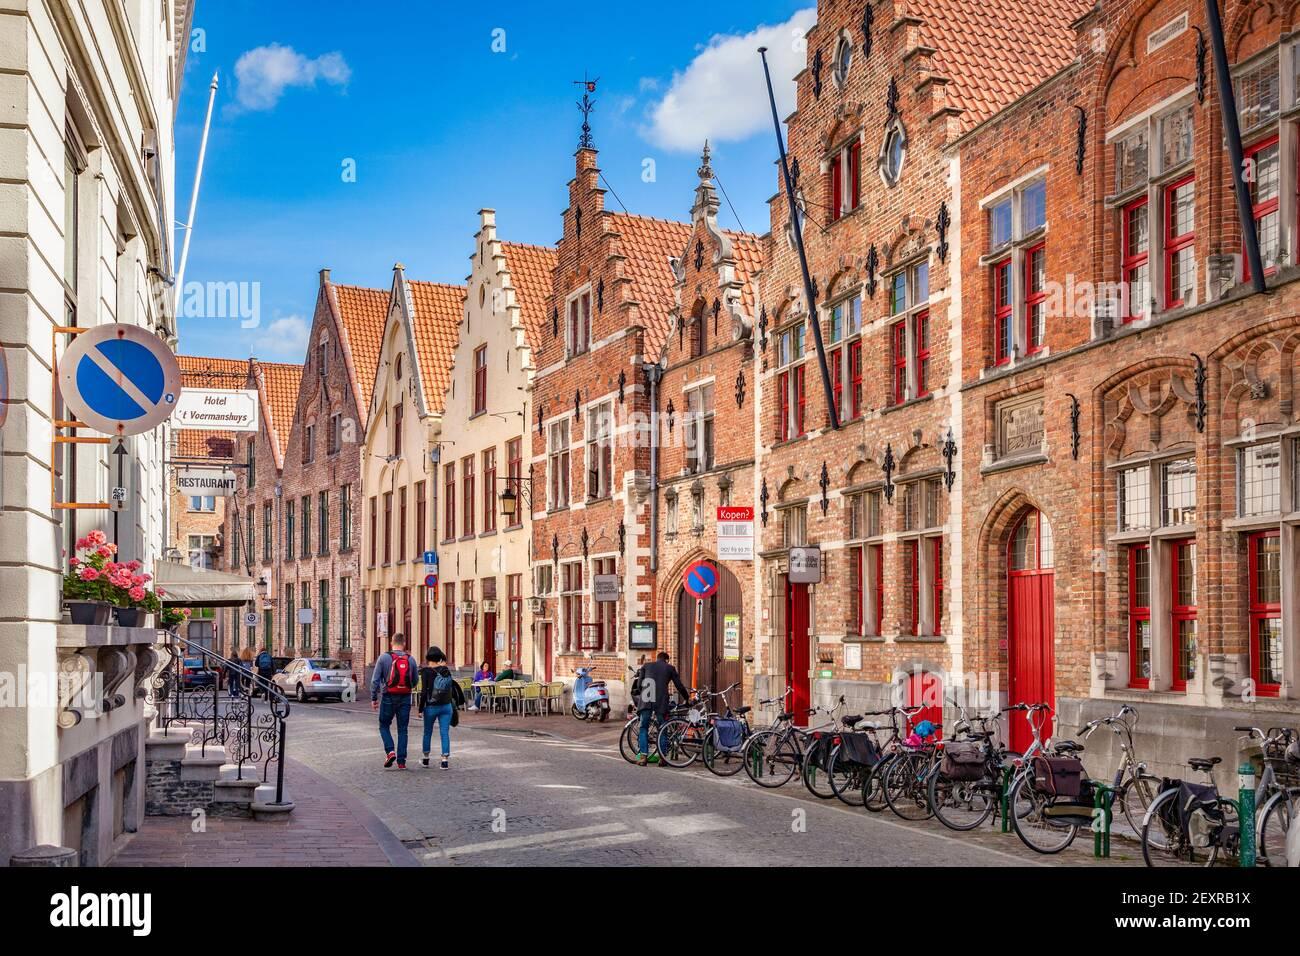 25 de septiembre de 2018: Brujas, Bélgica, - una hermosa calle antigua en el centro histórico de la ciudad, Oude Burg 14, con edificios típicos, bicicletas, y a y. Foto de stock